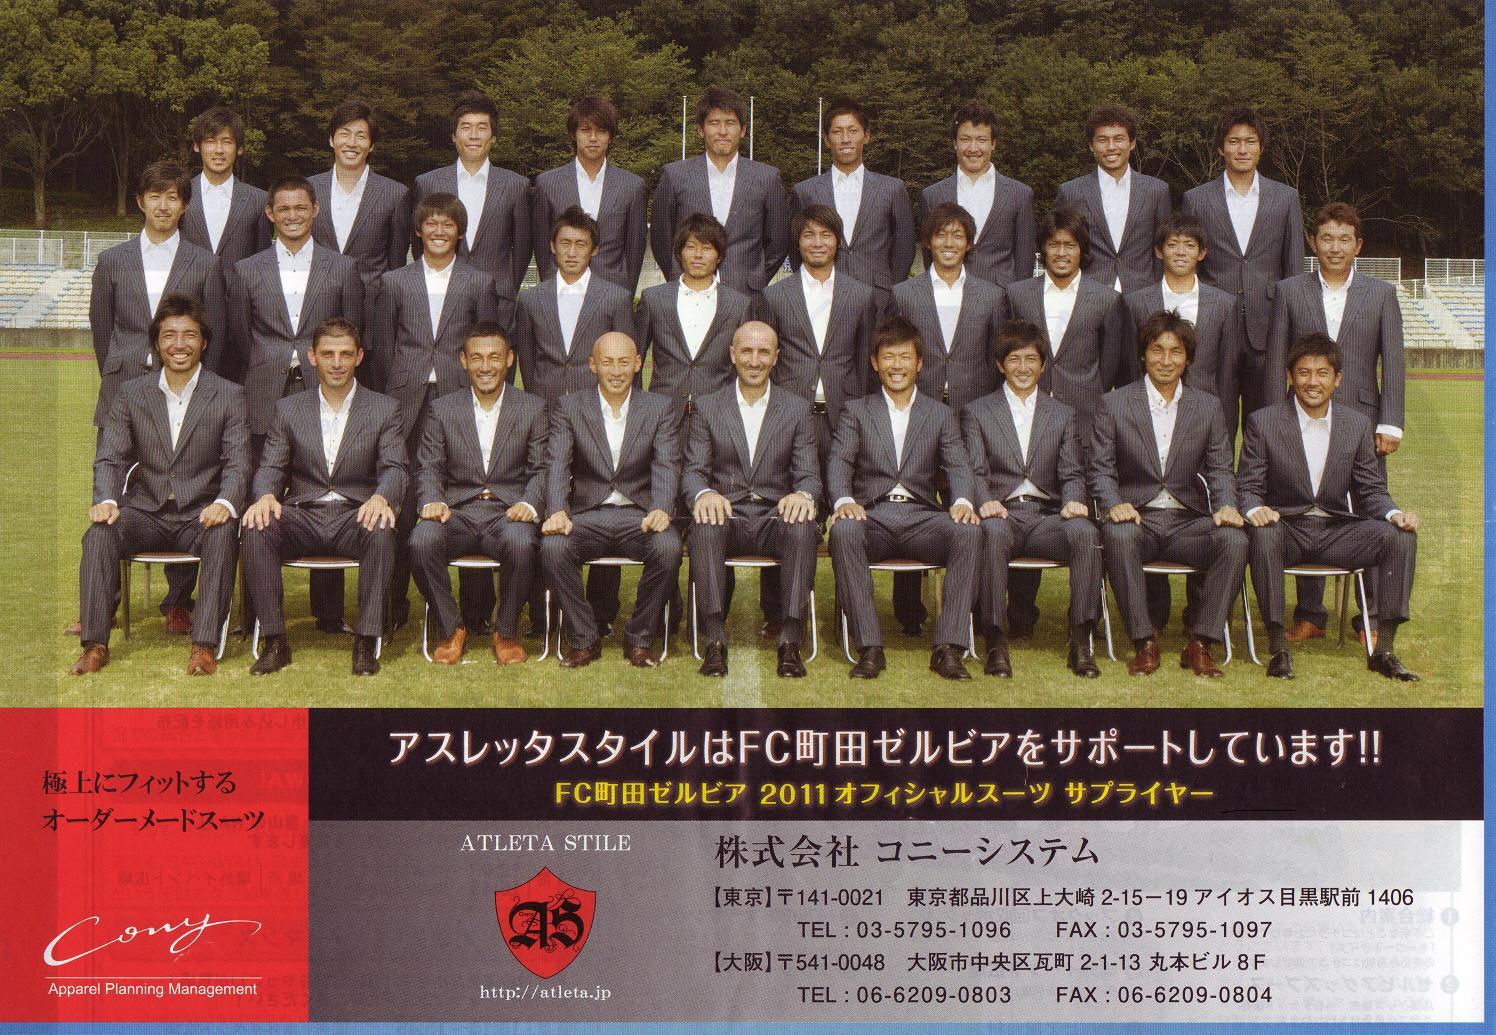 マッチデープログラム2011-10-23裏リアル